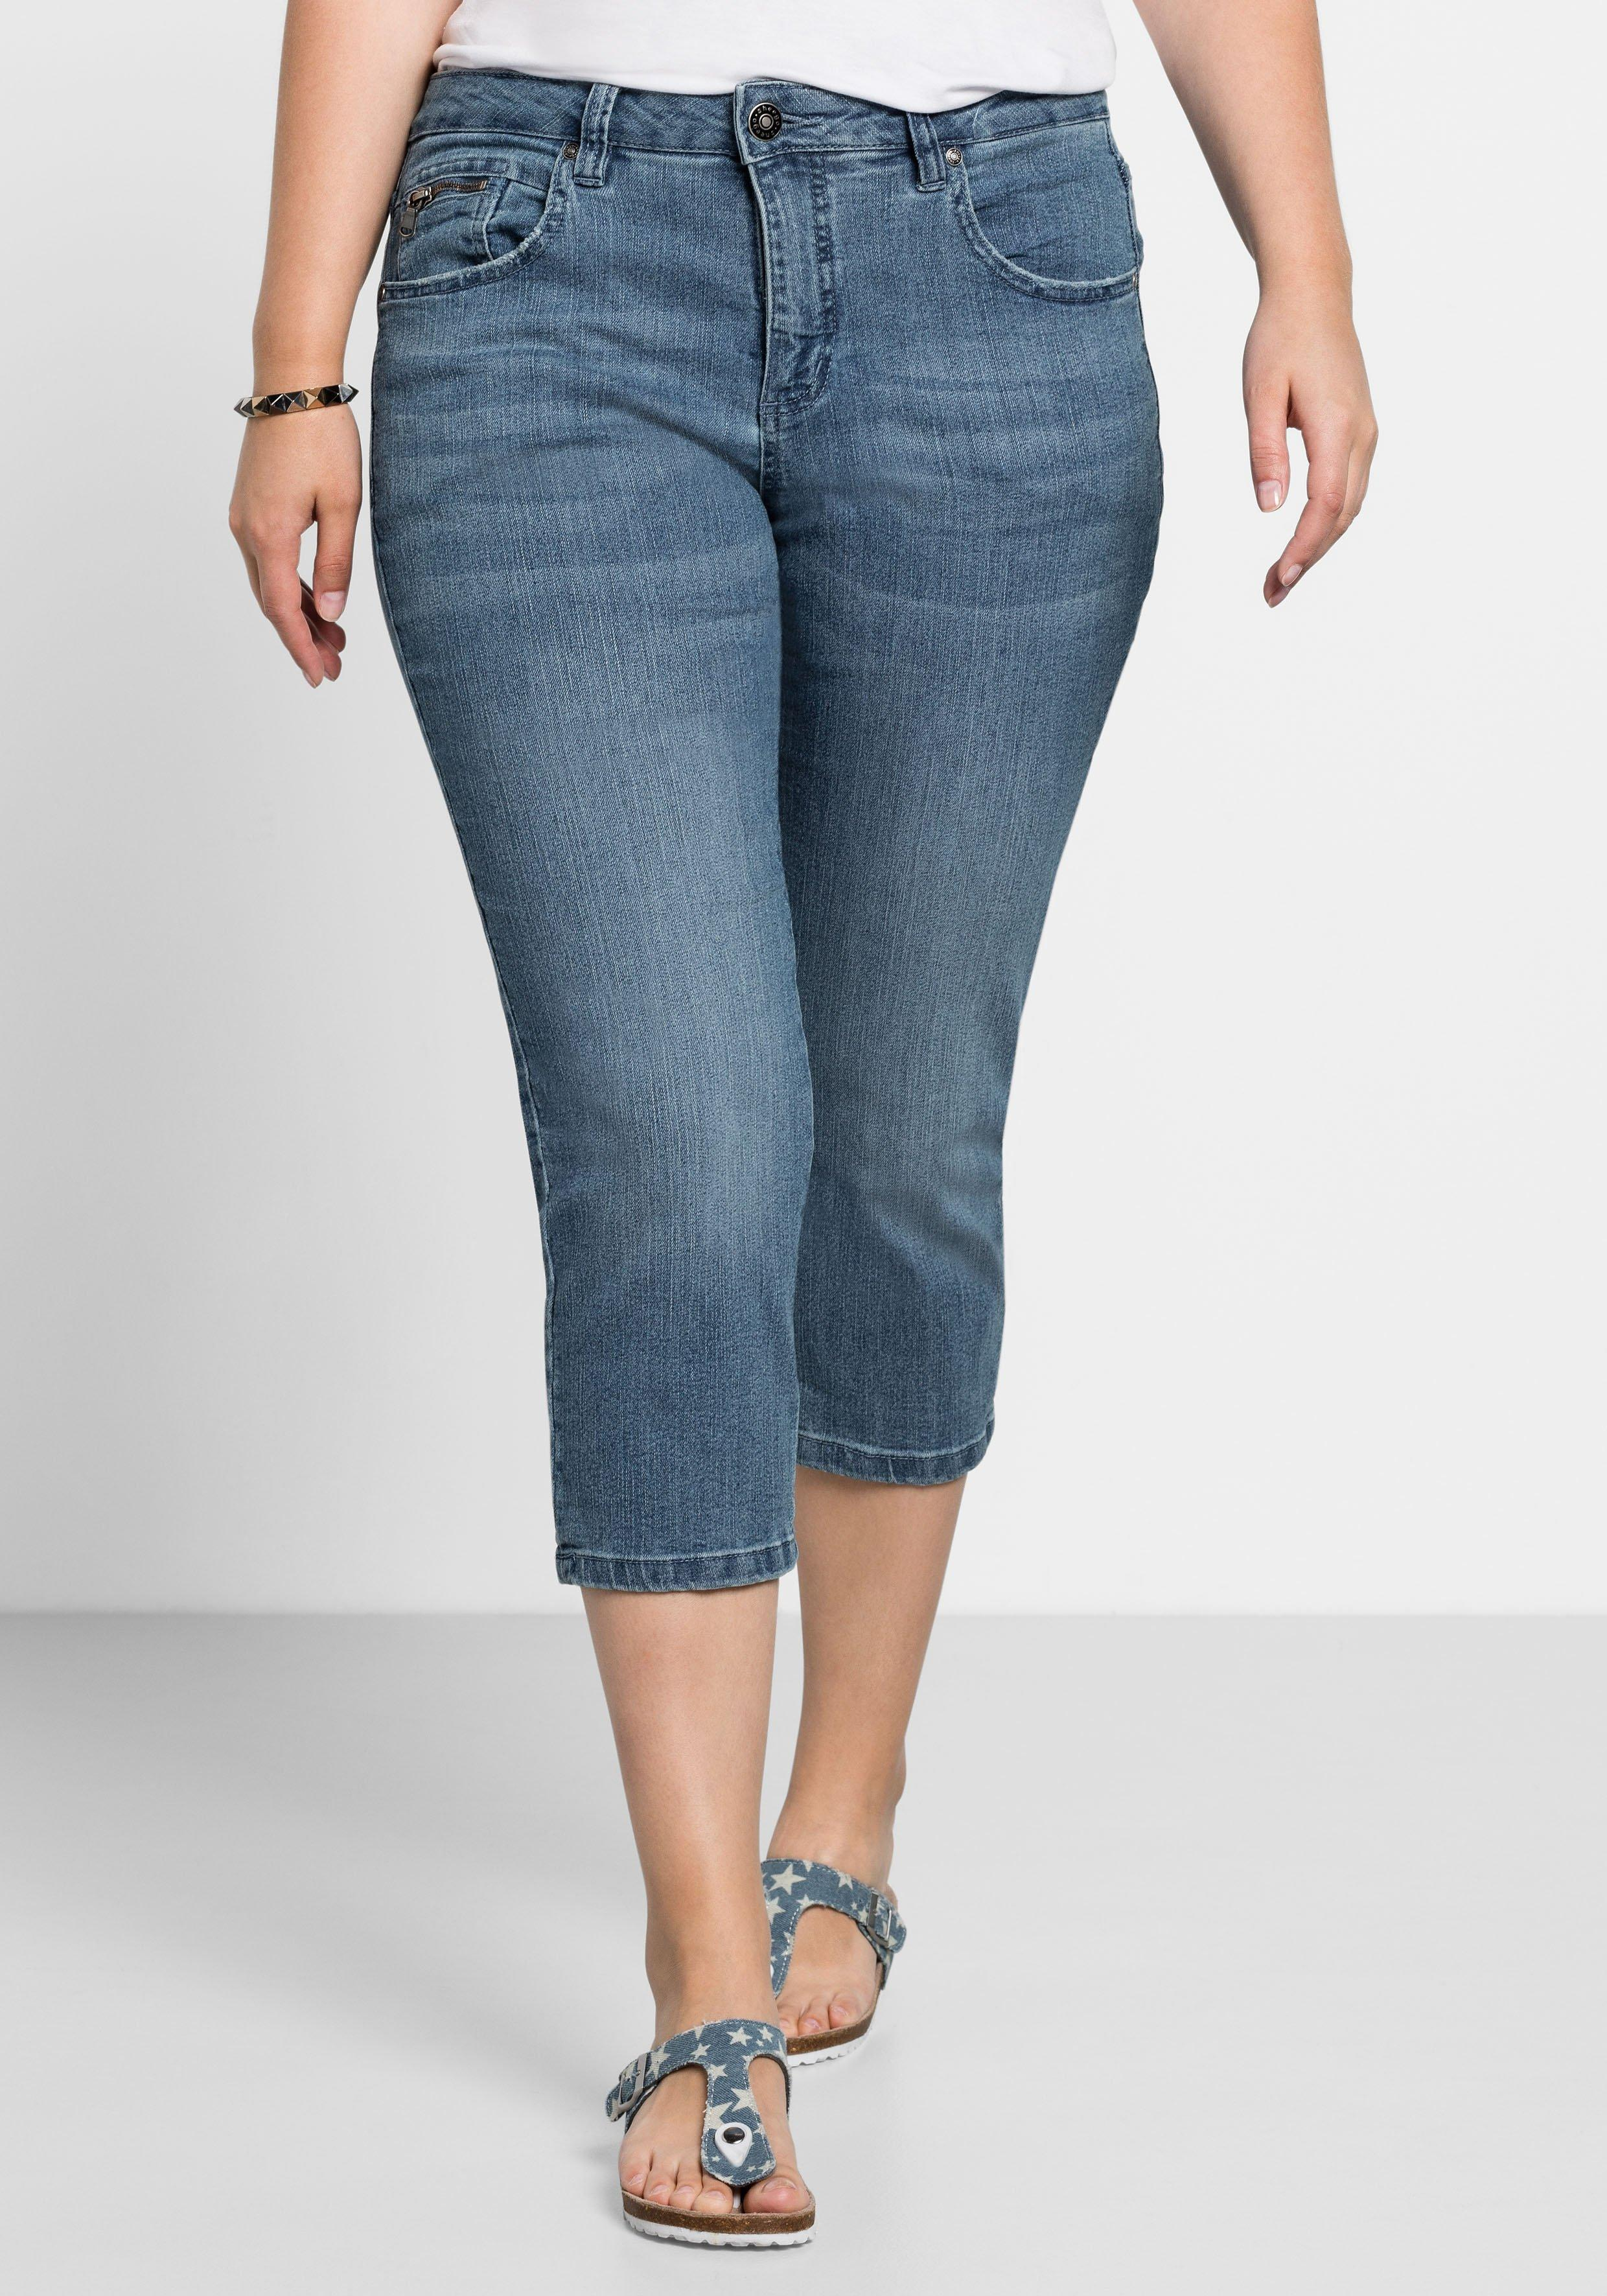 Artikel klicken und genauer betrachten! - Schmale sheego Stretch-Jeans mit individuellen Used-Effekten, dekorativen Gesäßtaschenstickereien und einer Reißverschluss-Münztasche vorn. Die variable Länge macht die Five-Pocket-Hose zum vielseitigen Kombipartner. | im Online Shop kaufen